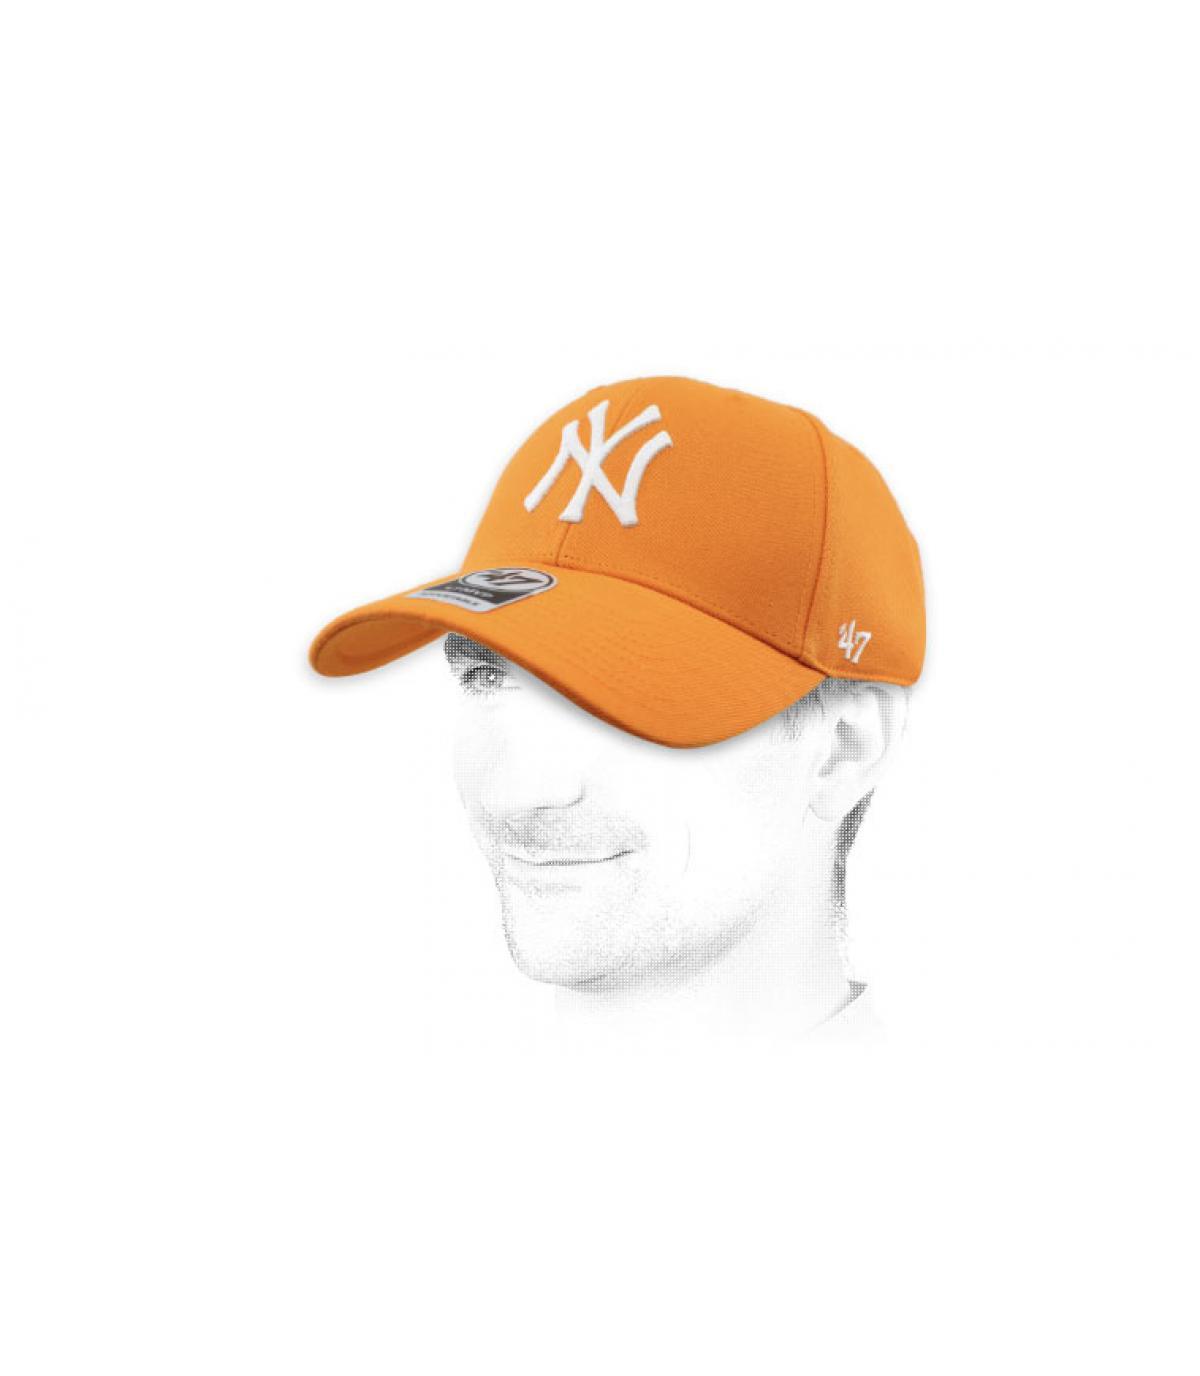 oranje NY kap 47